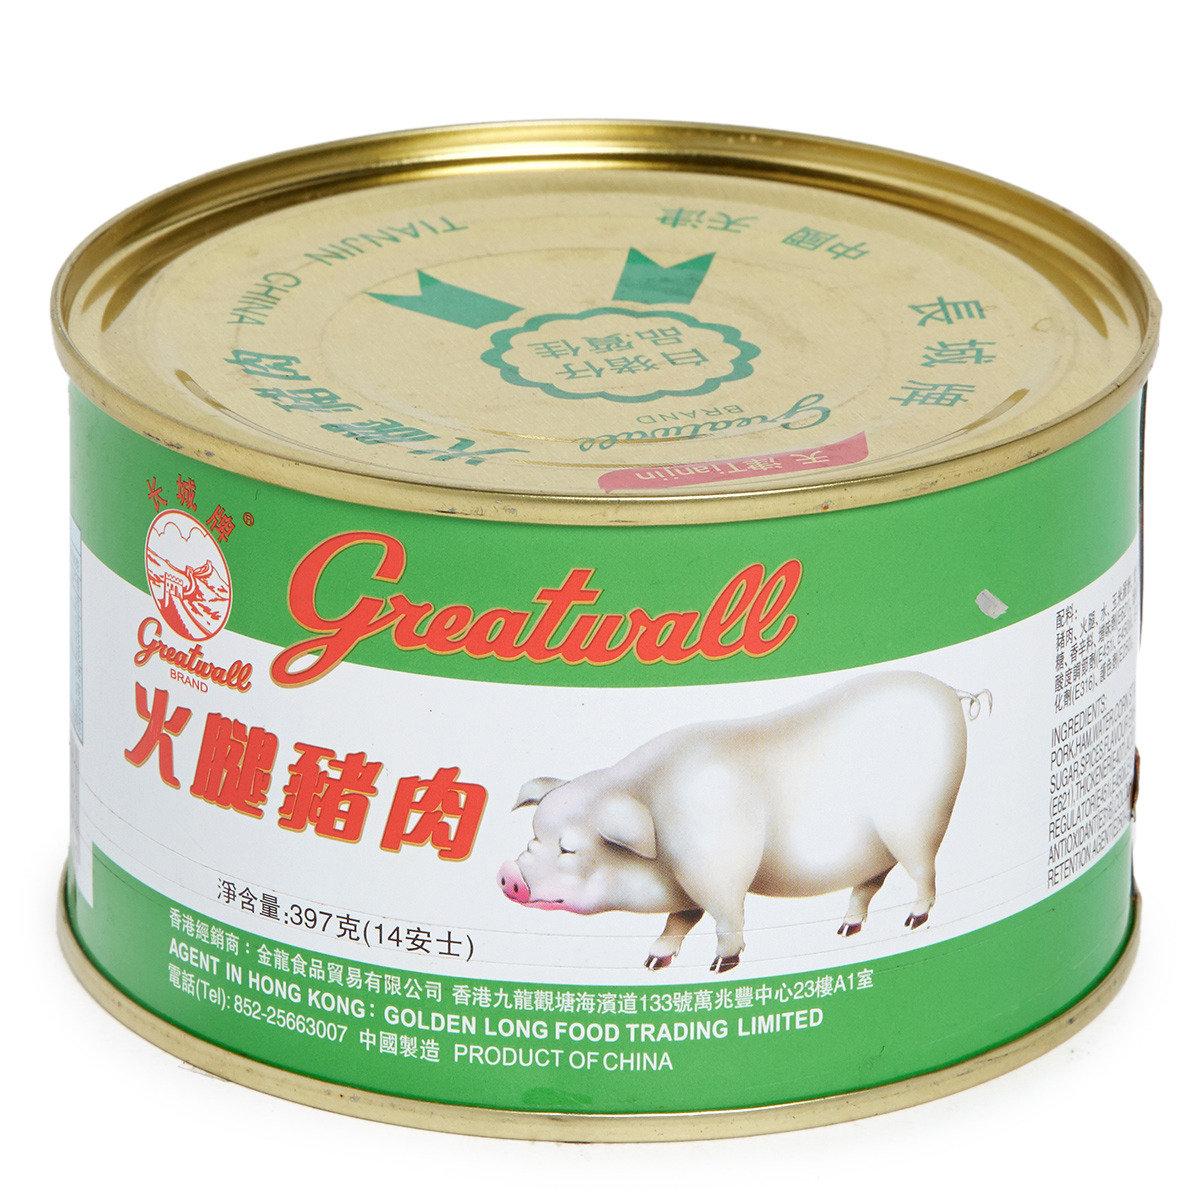 火腿豬肉 (大圓罐)